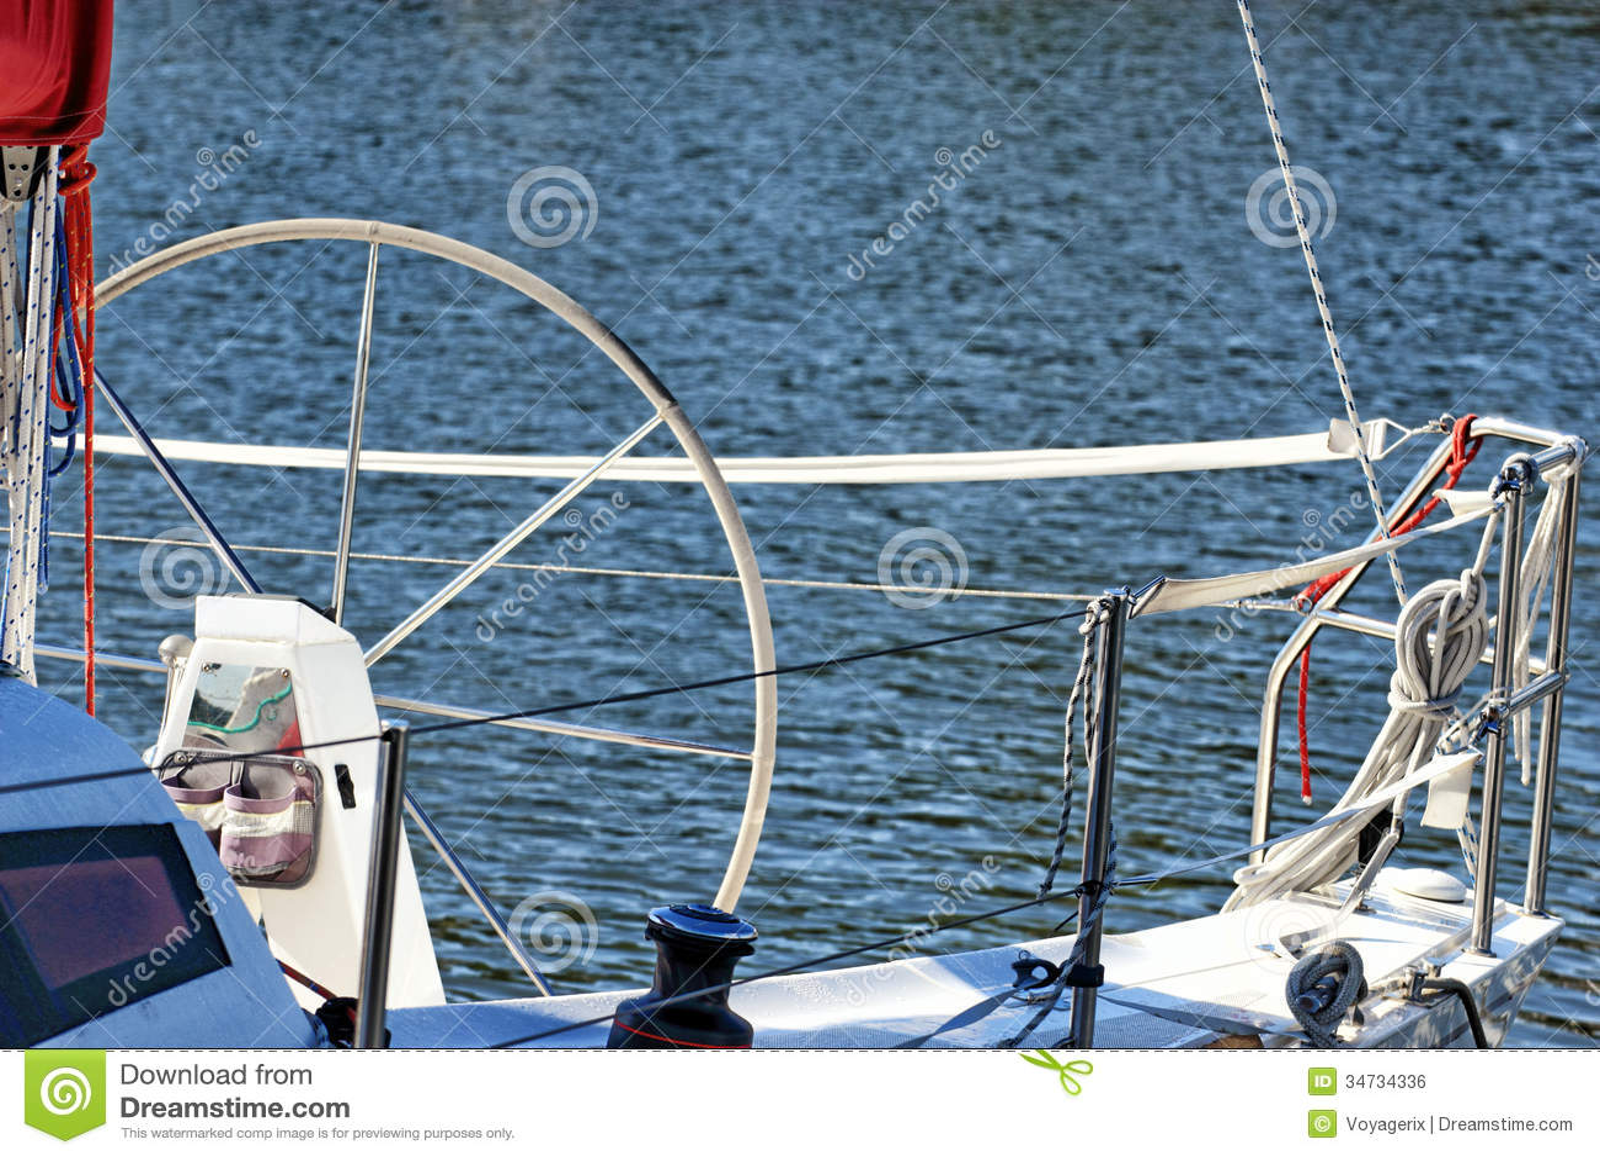 Parti Di Una Barca navigazione da diporto. parti dell'yacht. dettaglio di una